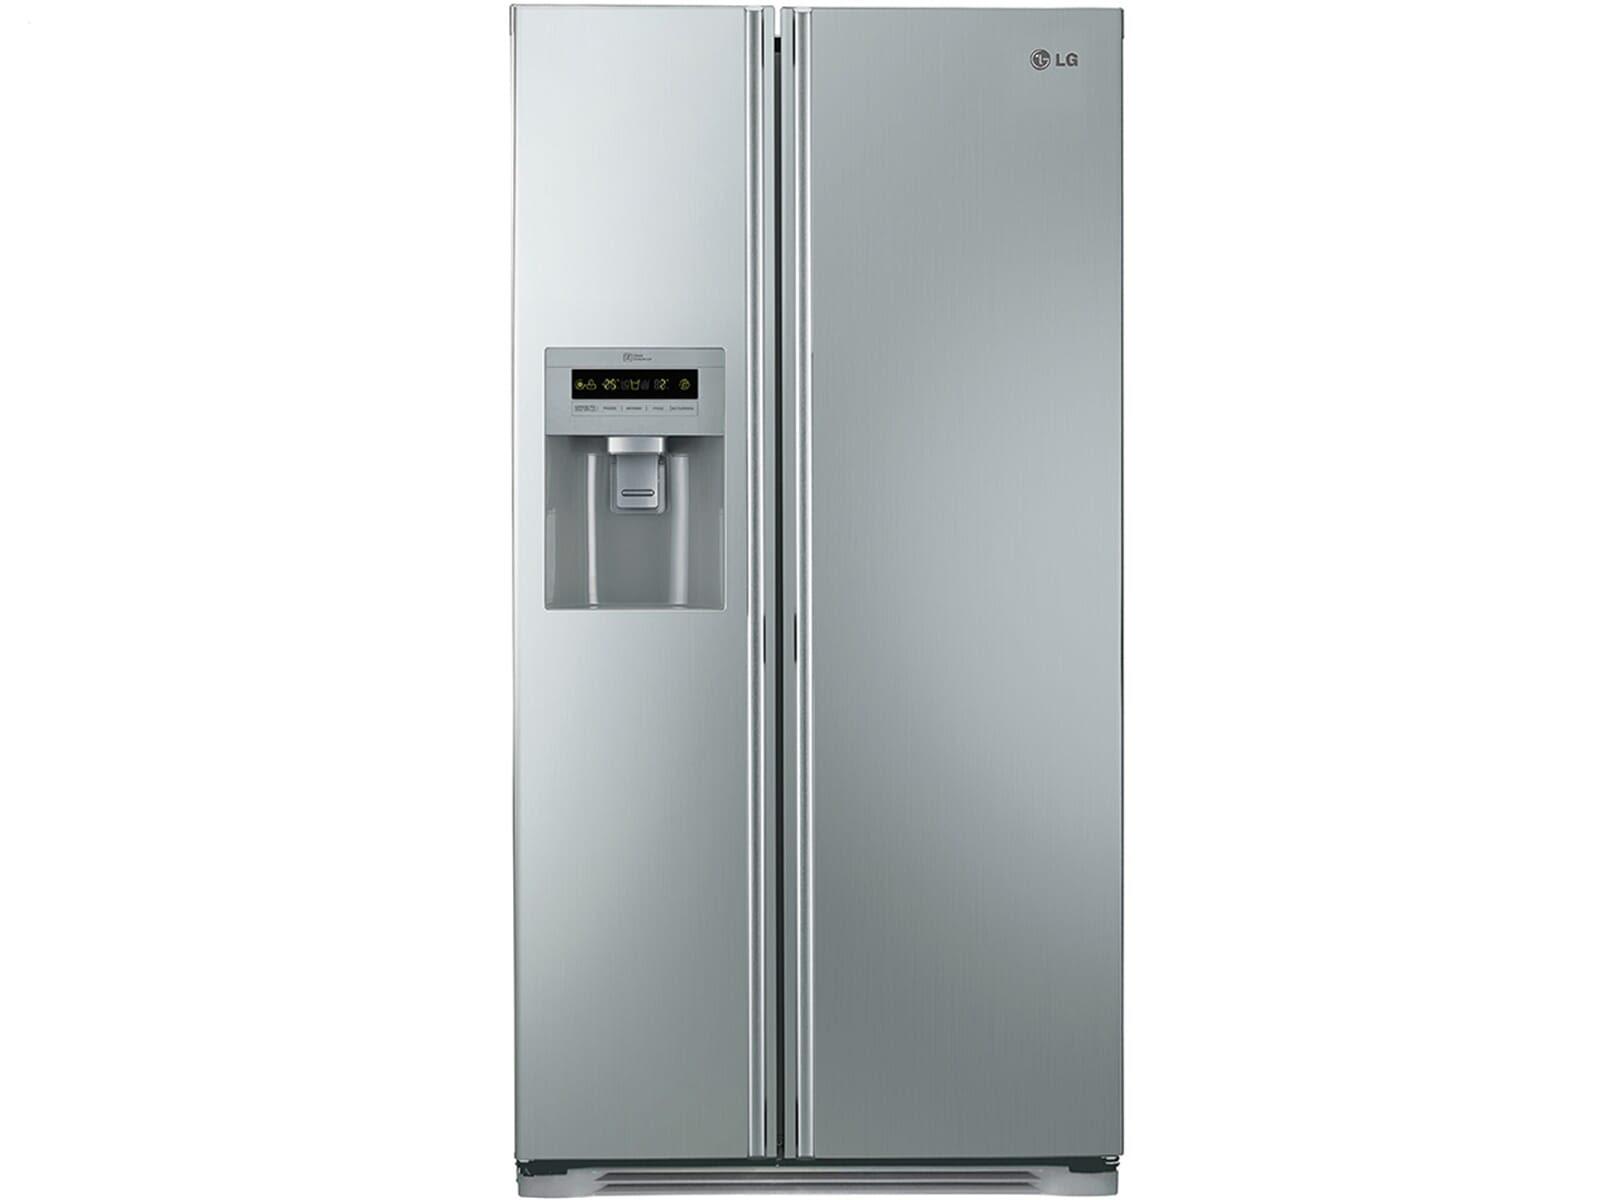 Side By Side Kühlschrank Ohne Festwasseranschluss : Side by side kühlschrank ohne festwasseranschluss heenan janet